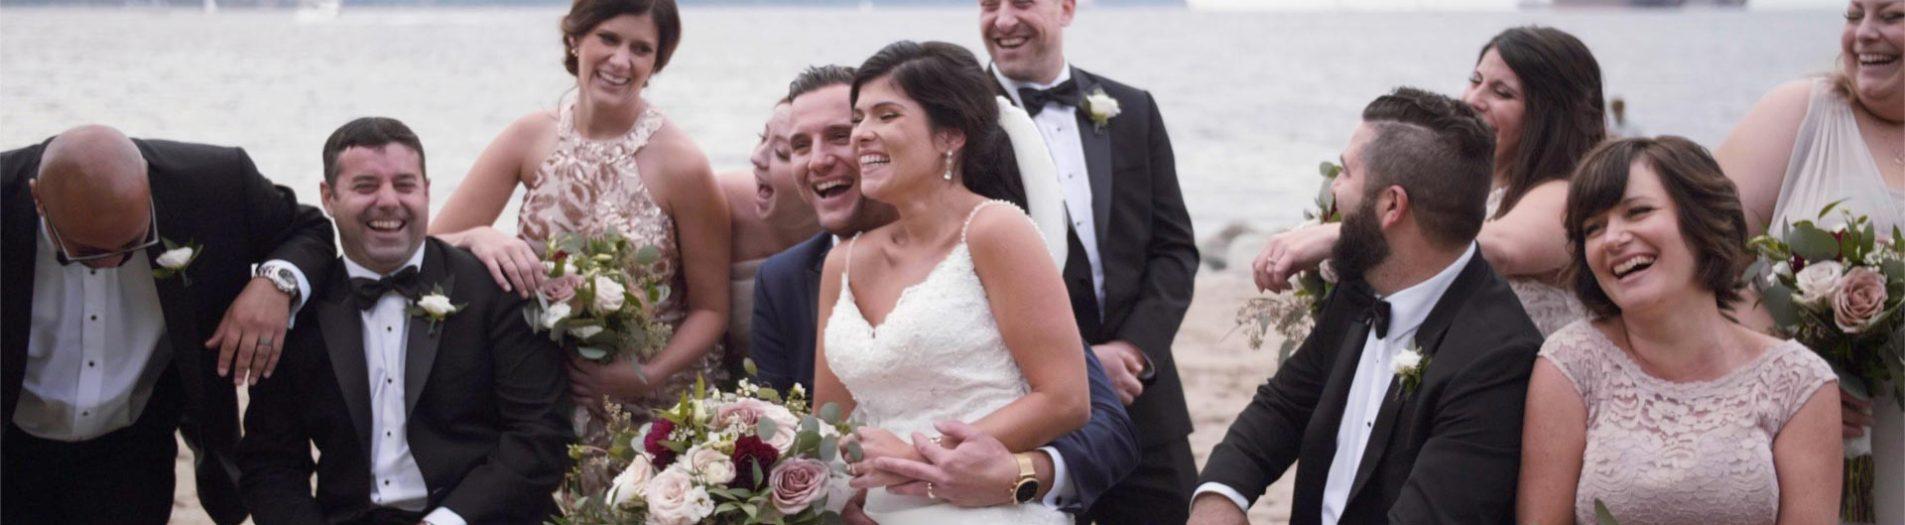 Ashley + Steve | Wedding Cinematic Film | Vancouver Rowing Club + Westwood Plateau